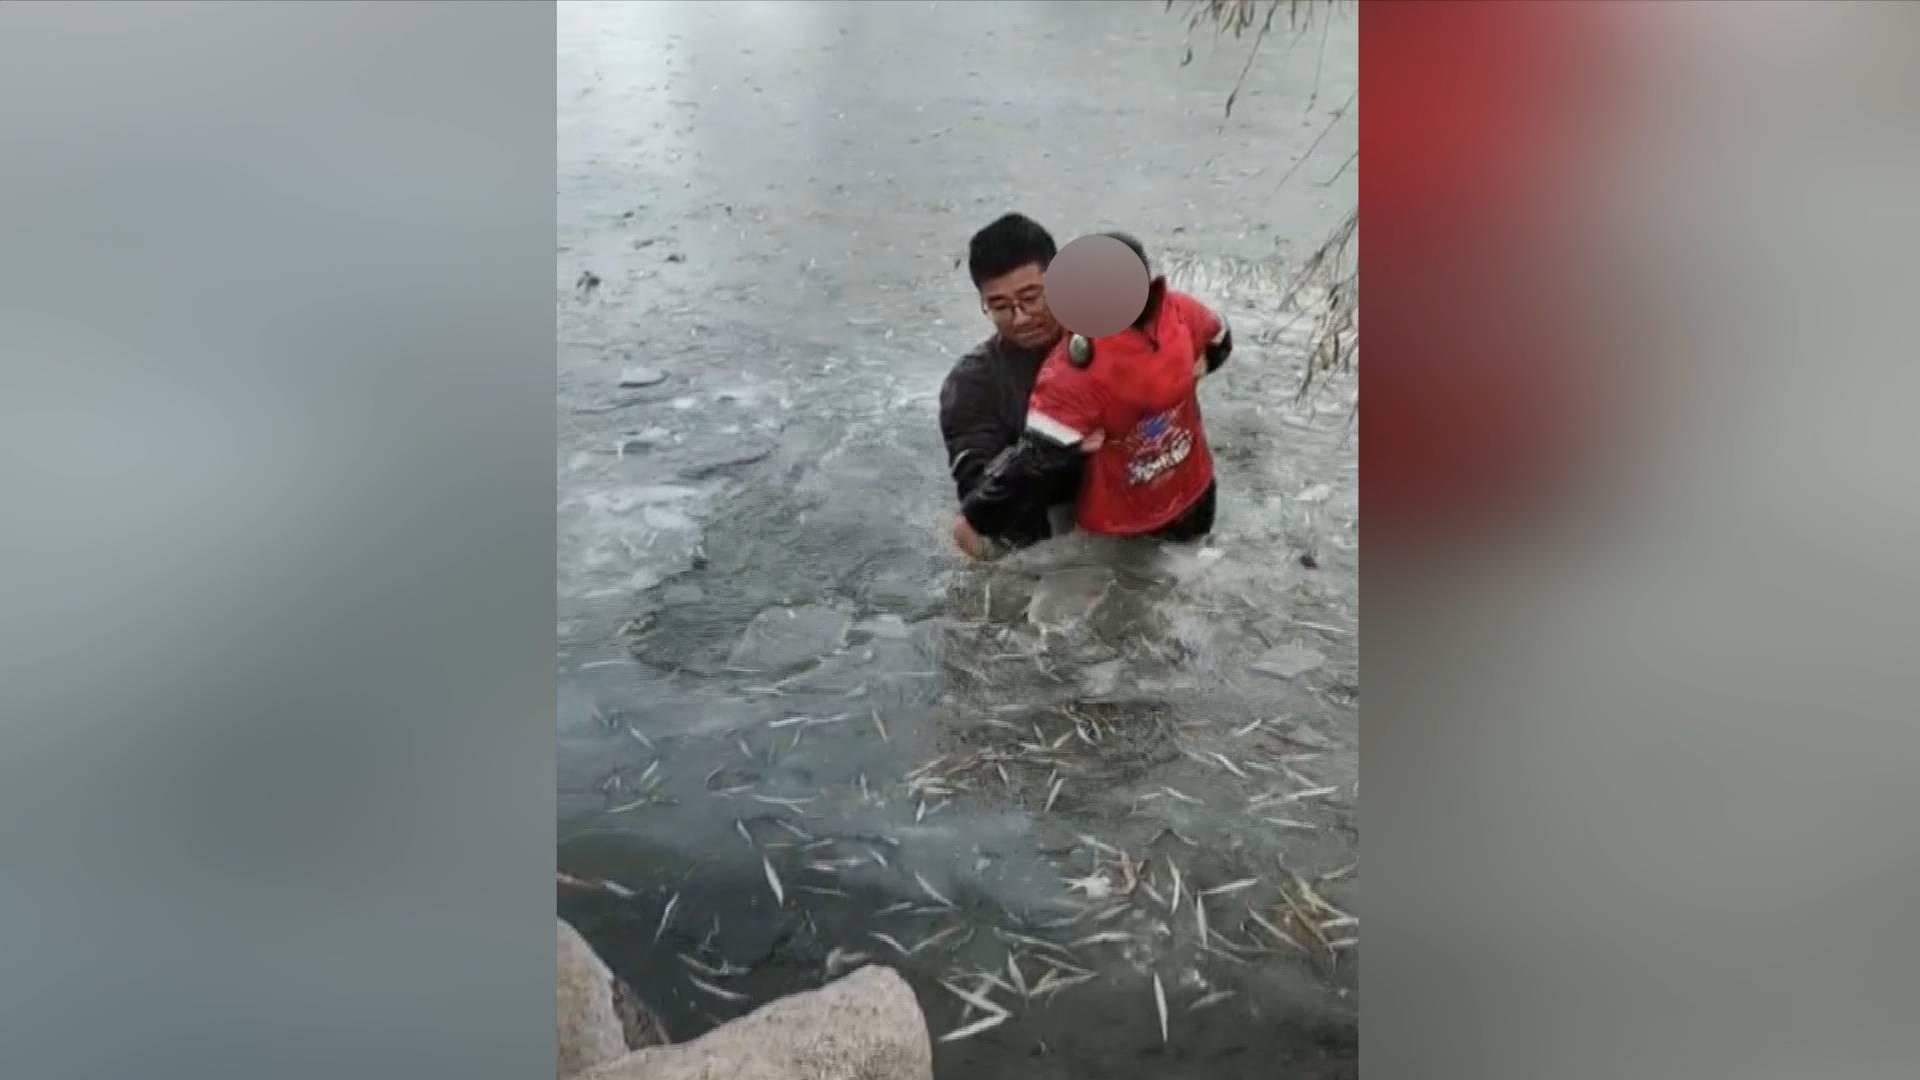 《应急在线》20210117:7岁男孩落水 男子跳入冰水营救